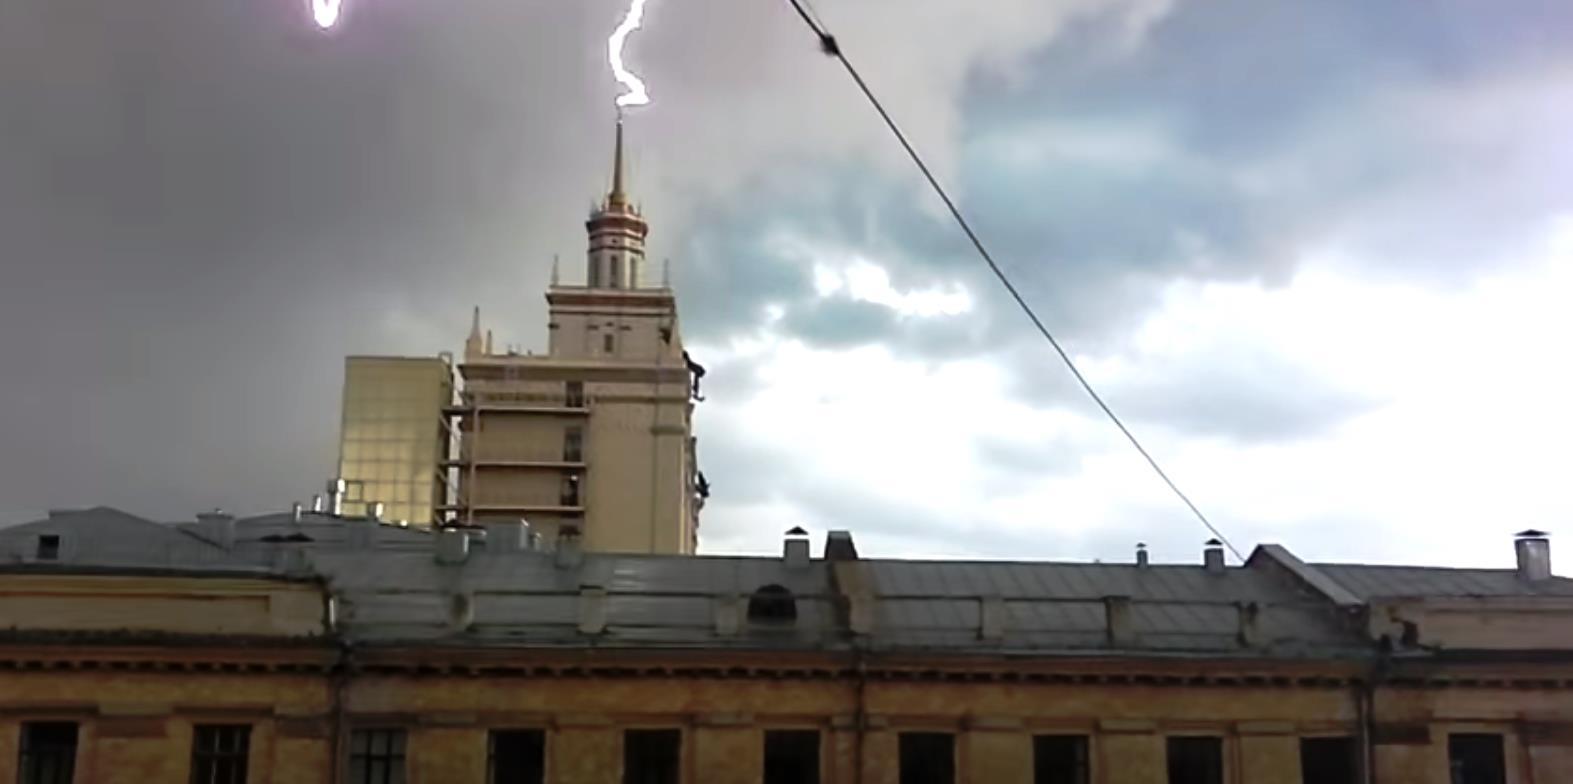 Видео, выложенное пользователем Вадимом Закировым, уже собрало около 10 тысяч просмотров. Шпиль з